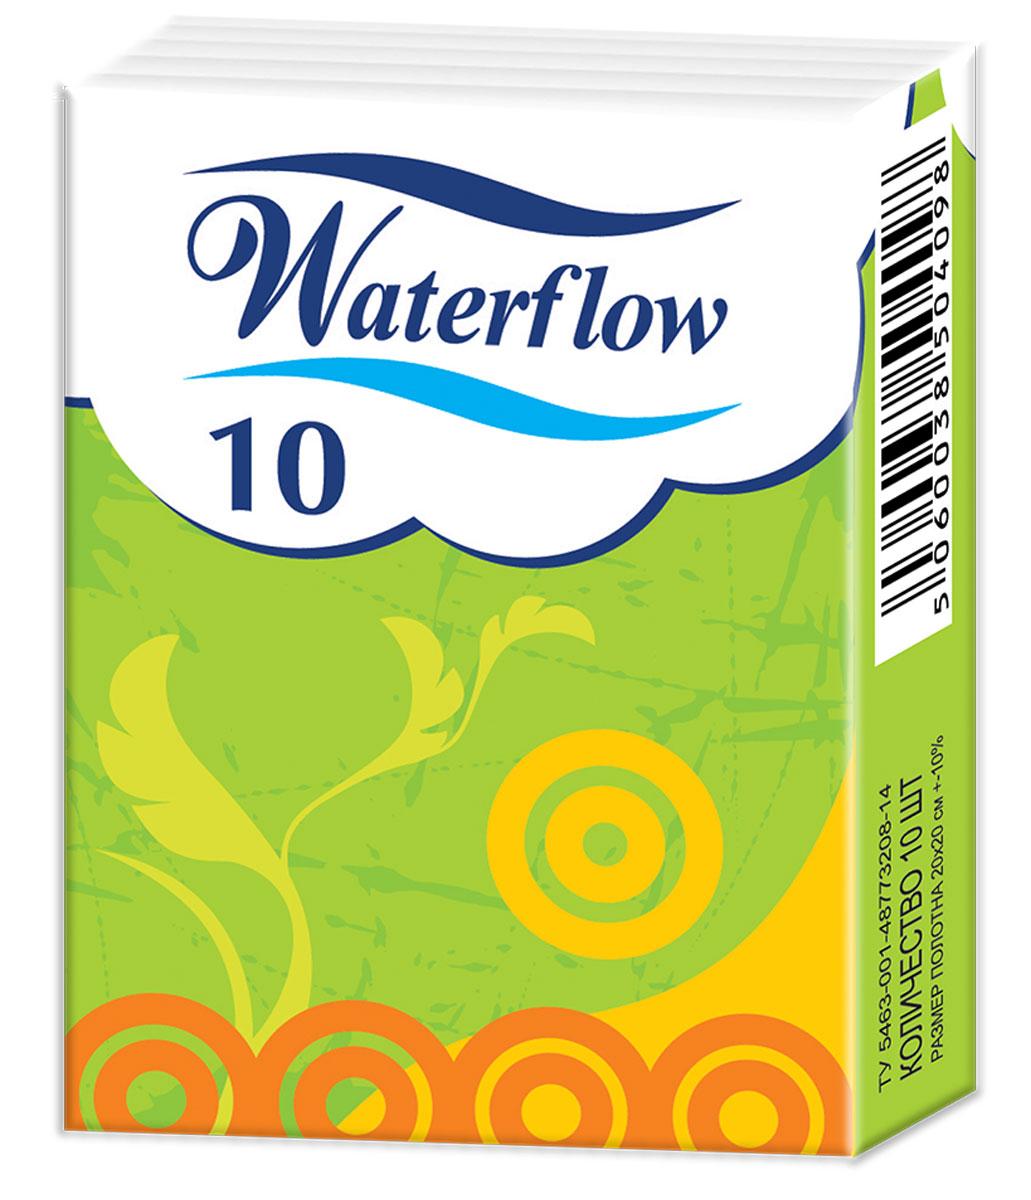 Waterflow Бумажные носовые платочки Compact, 10 шт ( 16554 )